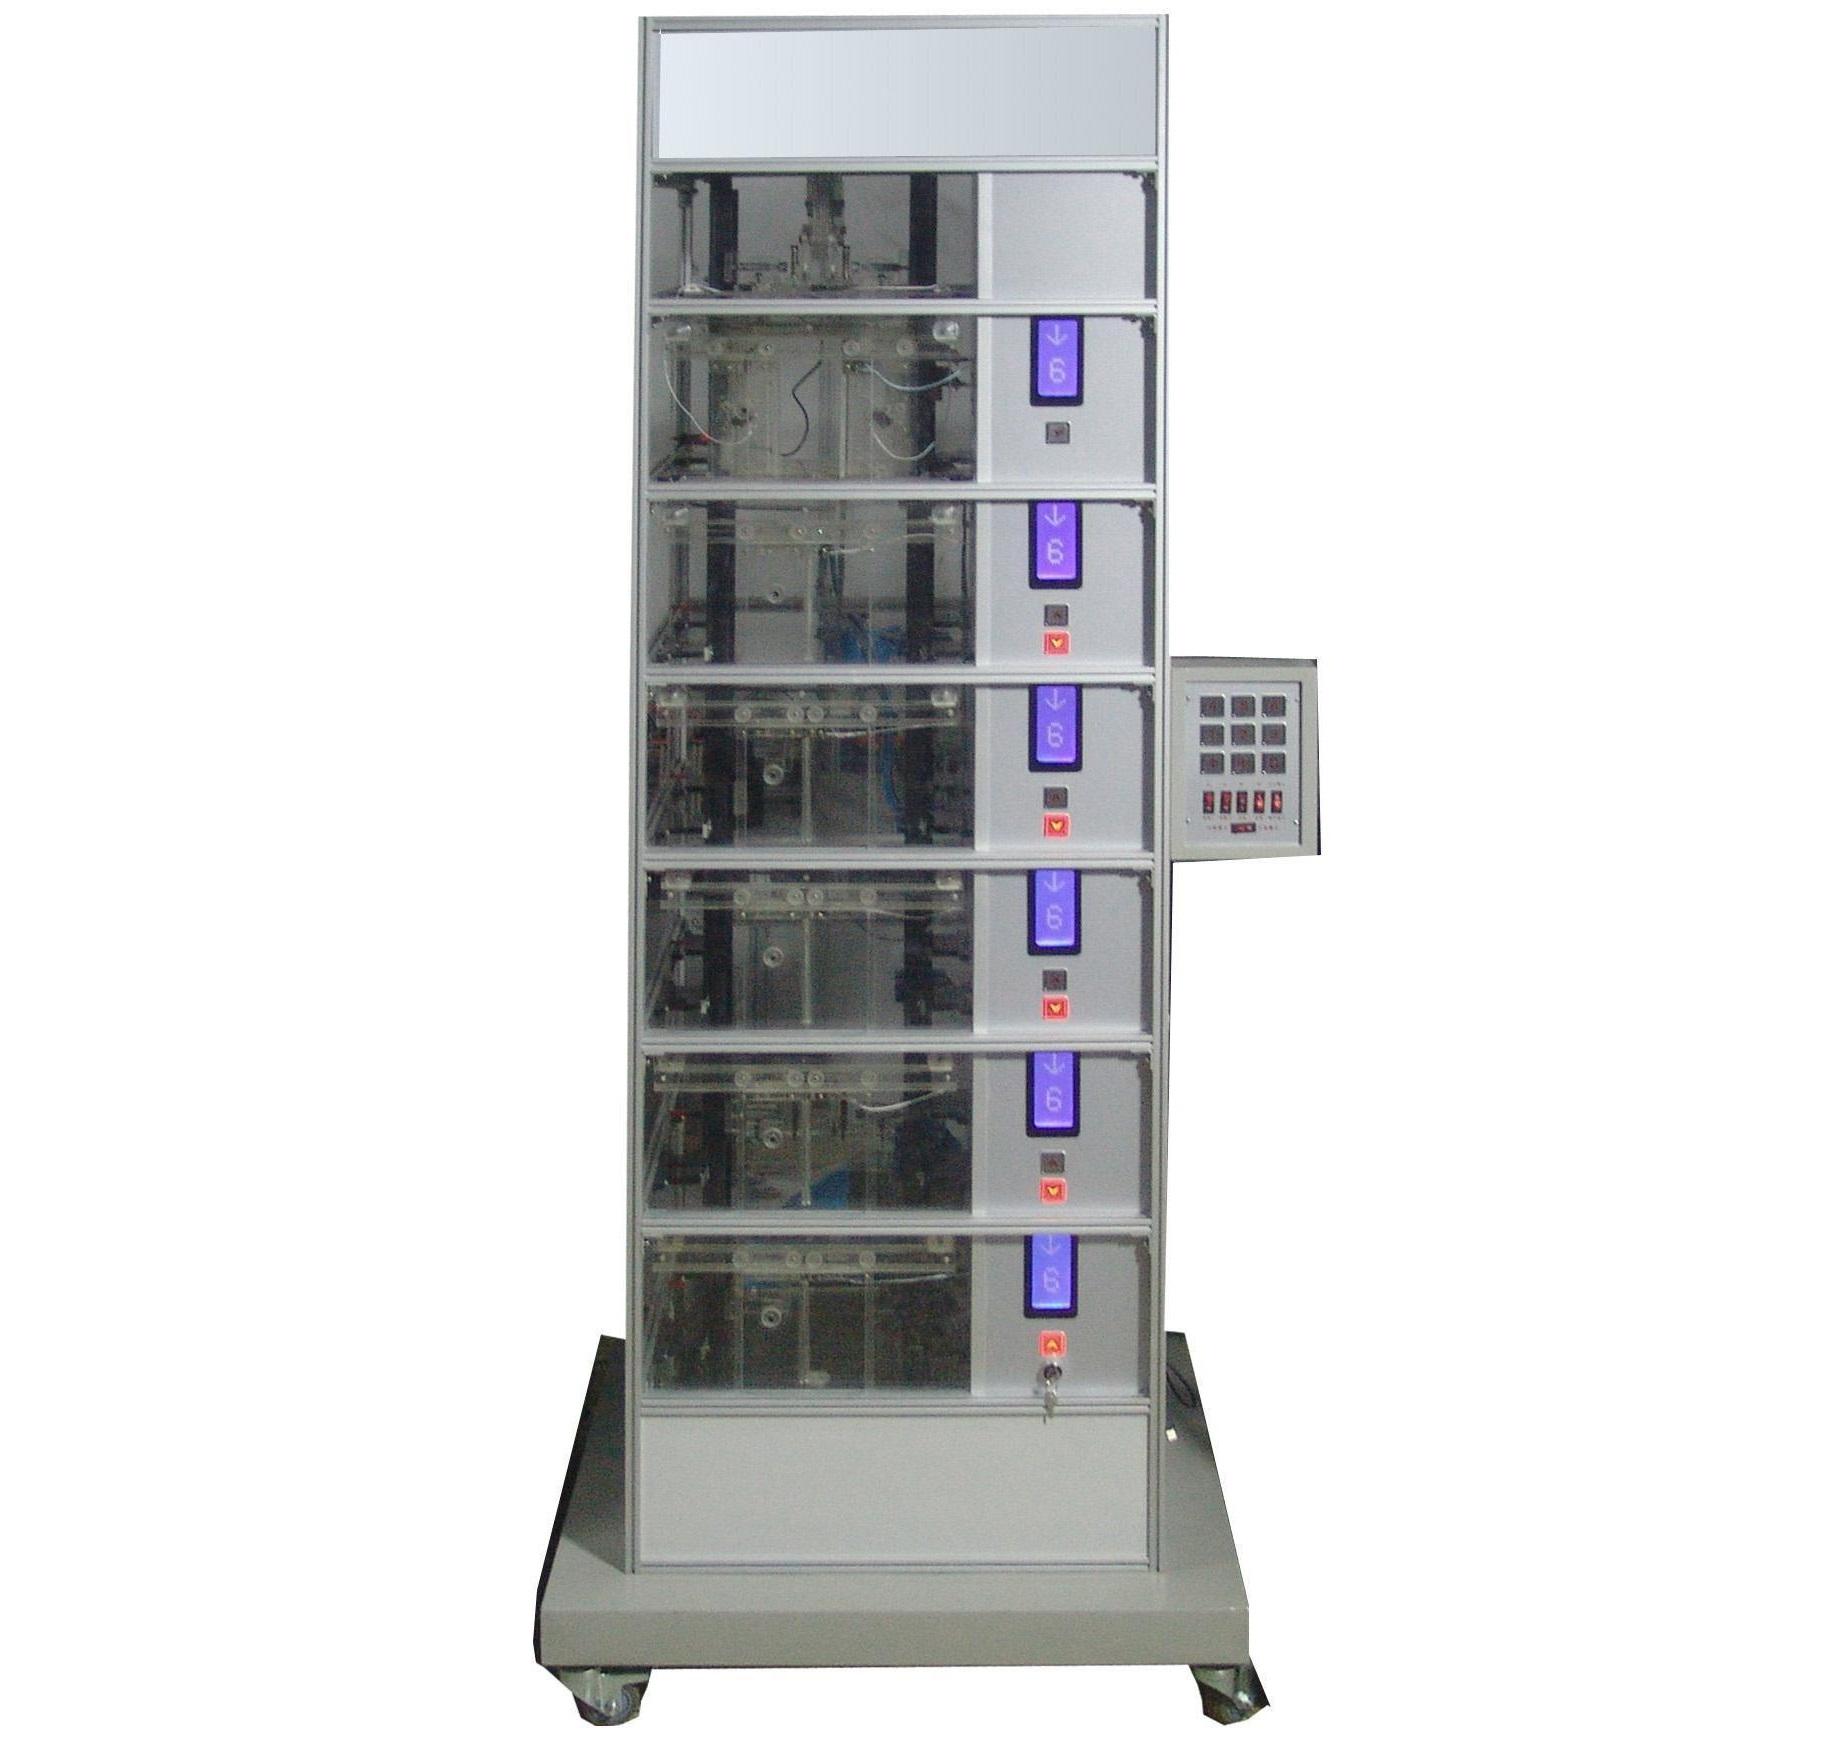 透明电梯实训装置是为机电一体化教学要求而研发